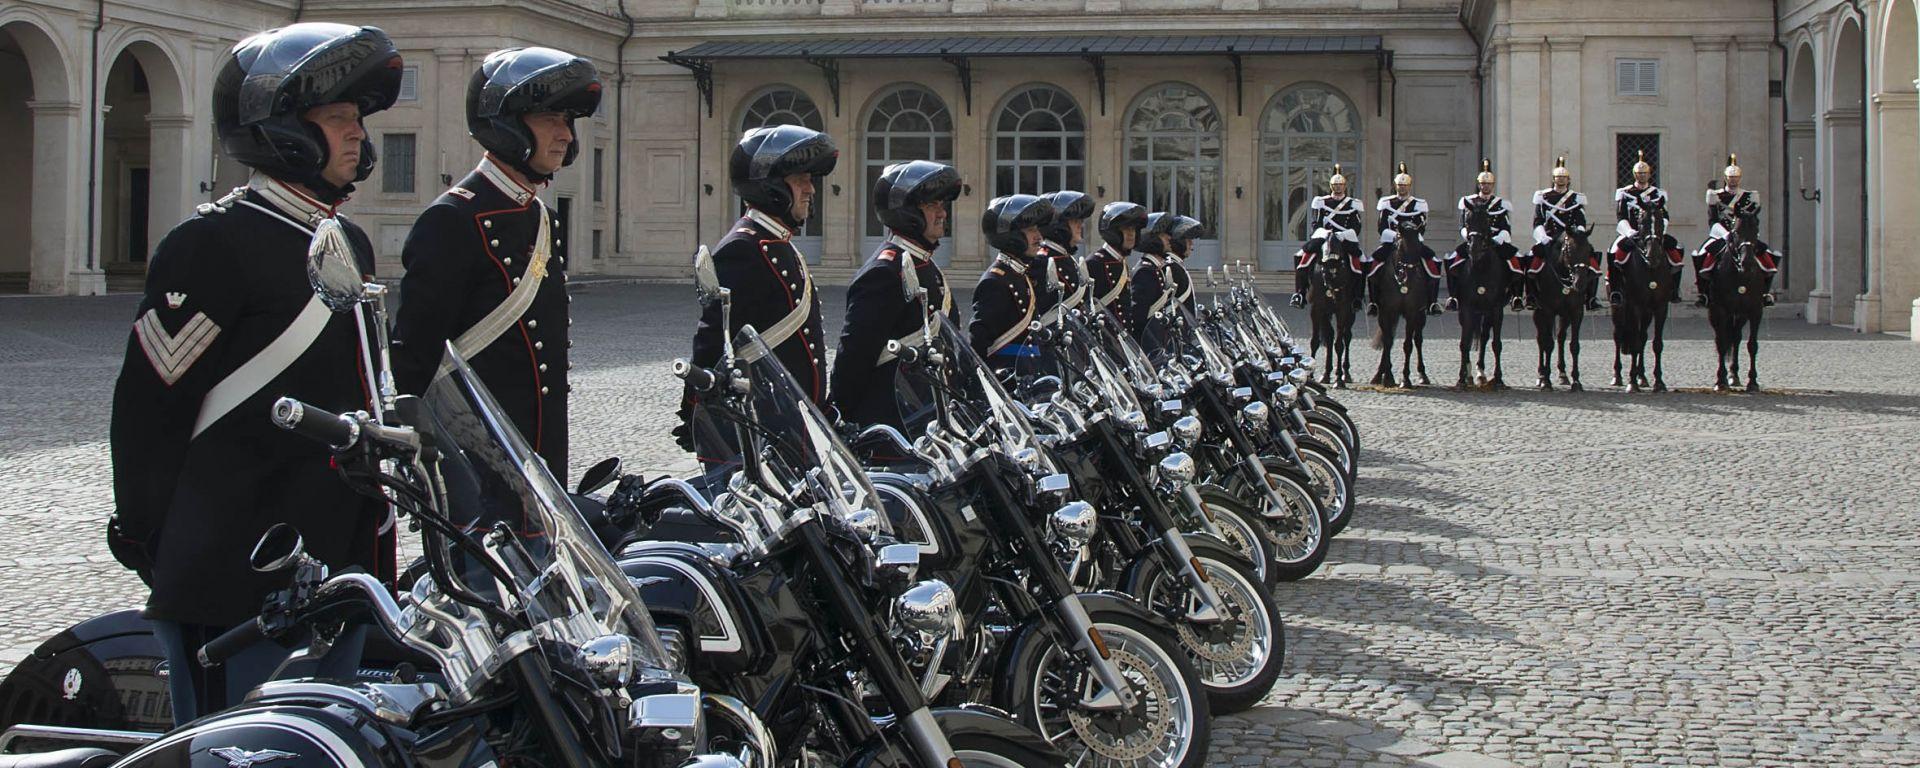 Moto Guzzi: consegnate al Reggimento Corazzieri le California 1400